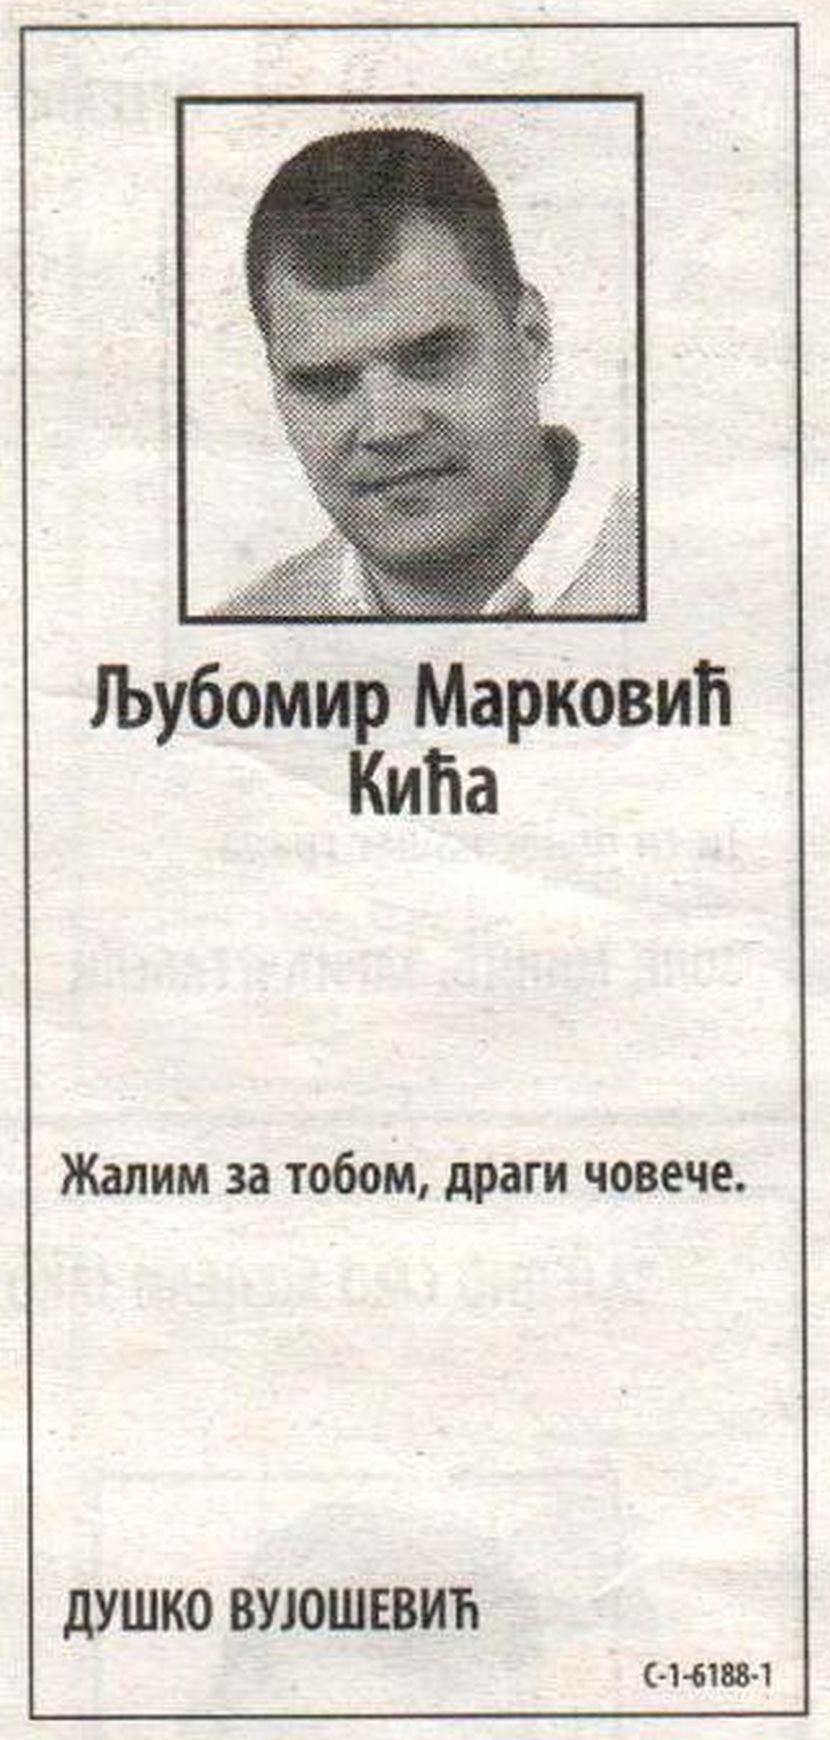 Ljubomir Marković Kića, čitulje